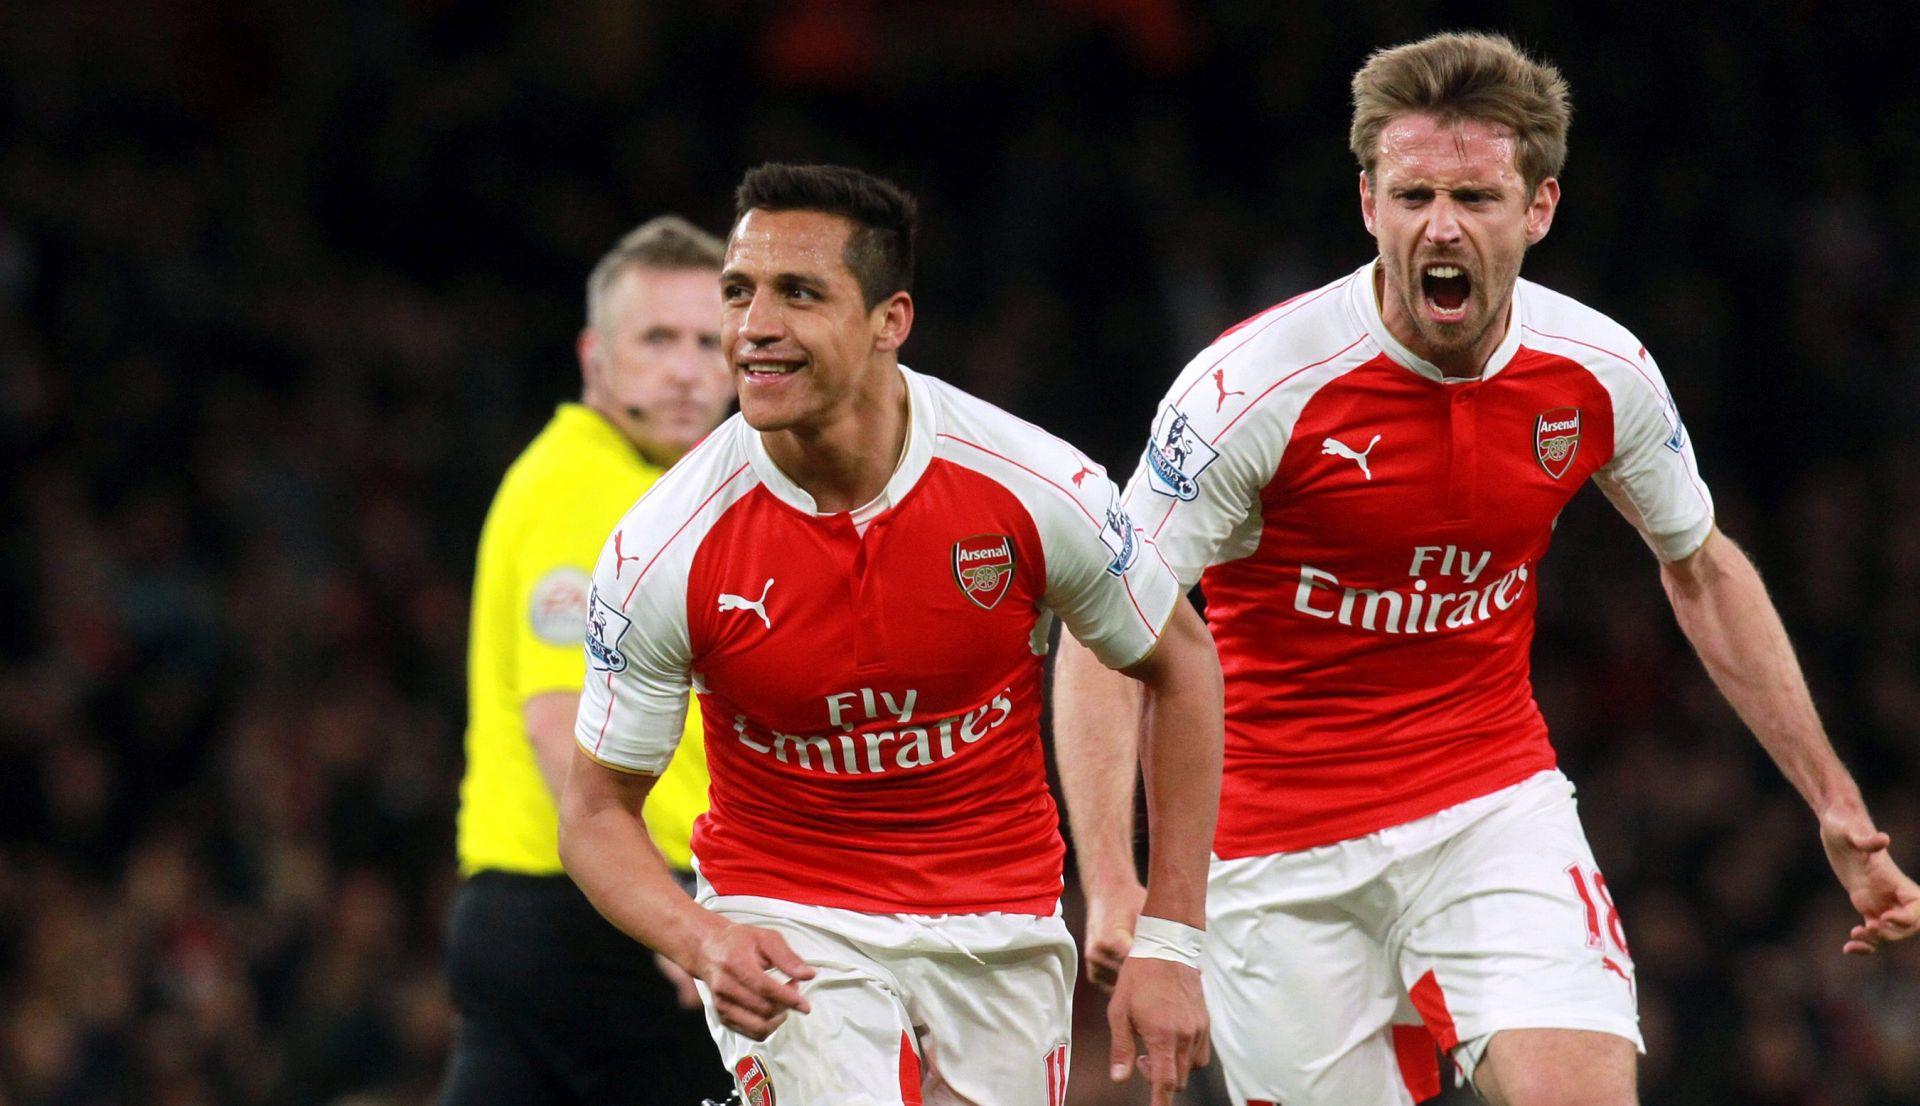 PREMIERLIGA Arsenal slavio kod Sunderlanda i preuzeo vrh ljestvice